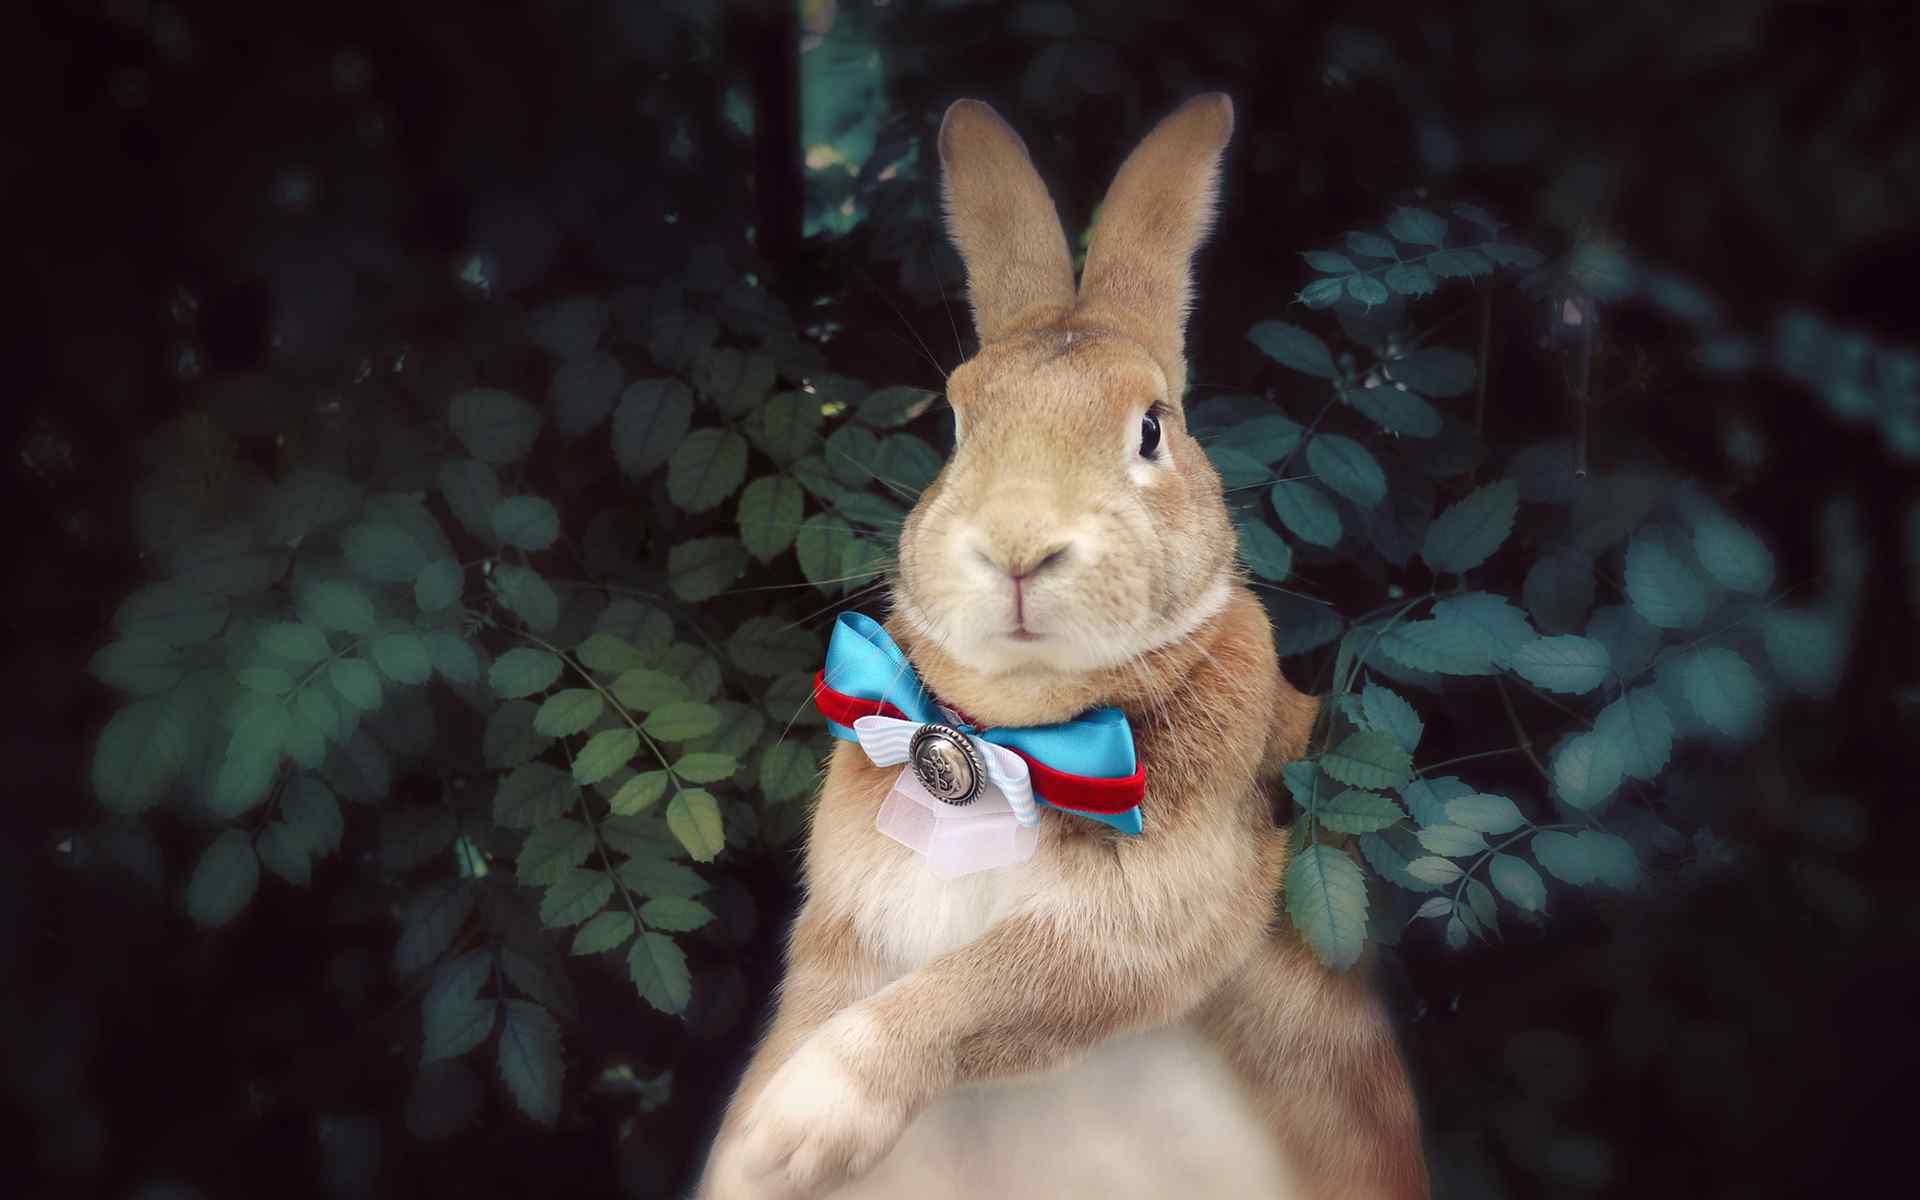 呆萌小兔子唯美写真高清桌面壁纸。兔子的可爱是大家公认的,兔子也是我们最可爱的宠物,各种萌态,就算没有任何动作也是一身的萌气。桌面天下专注于电脑、手机桌面壁纸,免费提供最好最清晰的壁纸图片下载。网罗最热门的明星、美女、卡通、系统手机壁纸等,桌面天下把热门壁纸推荐给您,让您更快的找到您想要的简约好看个性桌面壁纸。